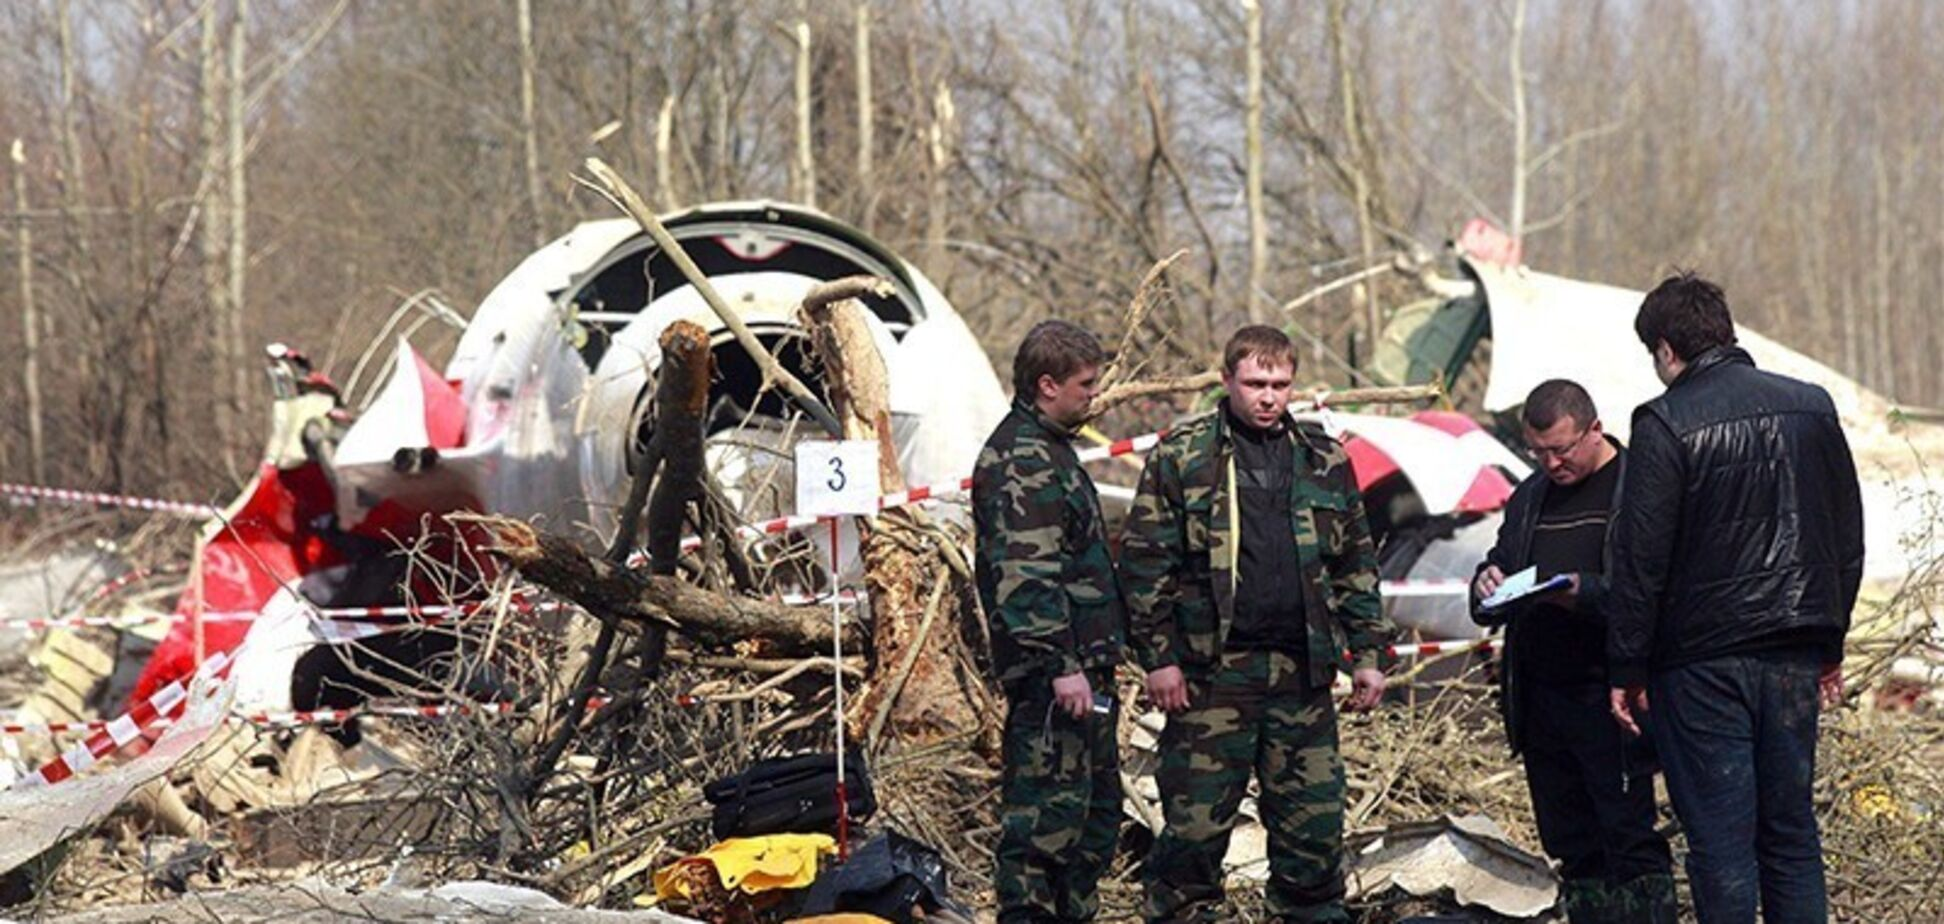 Смоленська трагедія: Польща висунула вимоги до Росії